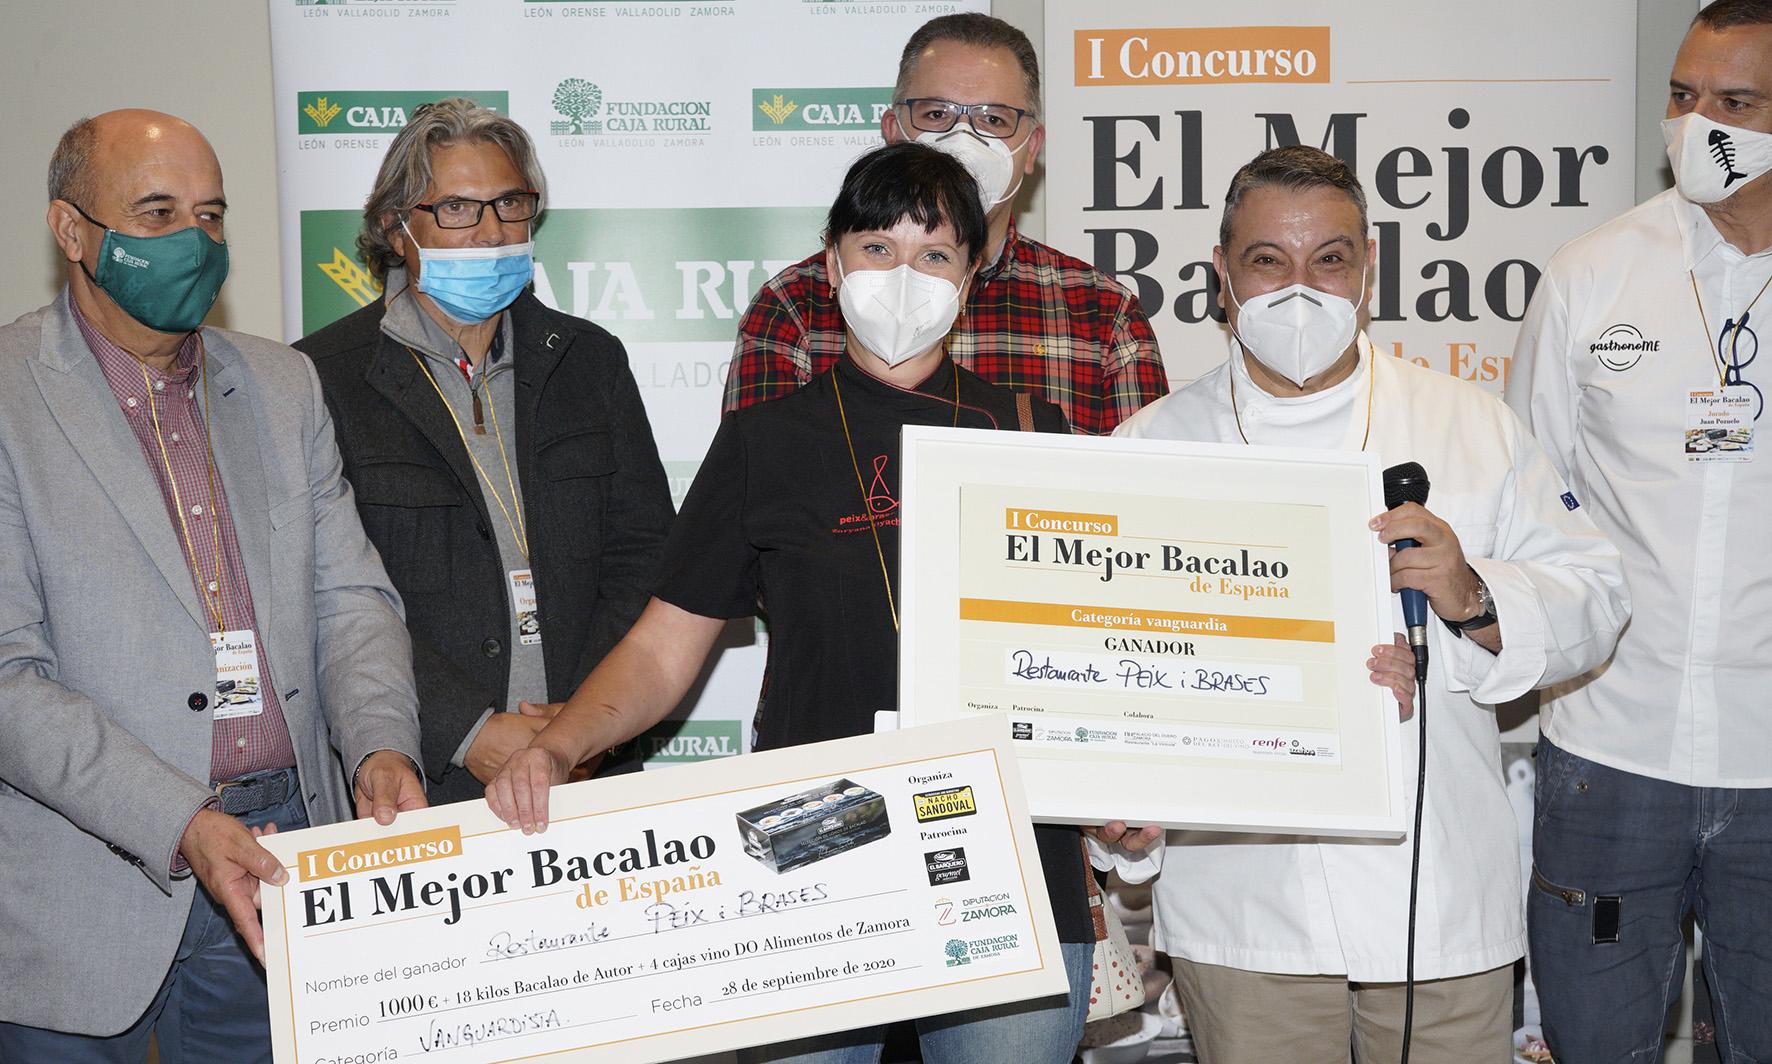 """Los restaurantes Peix i Brases y Solleiros se alzan con los primeros premios del I concurso """"El Mejor Bacalao de España"""" 3"""